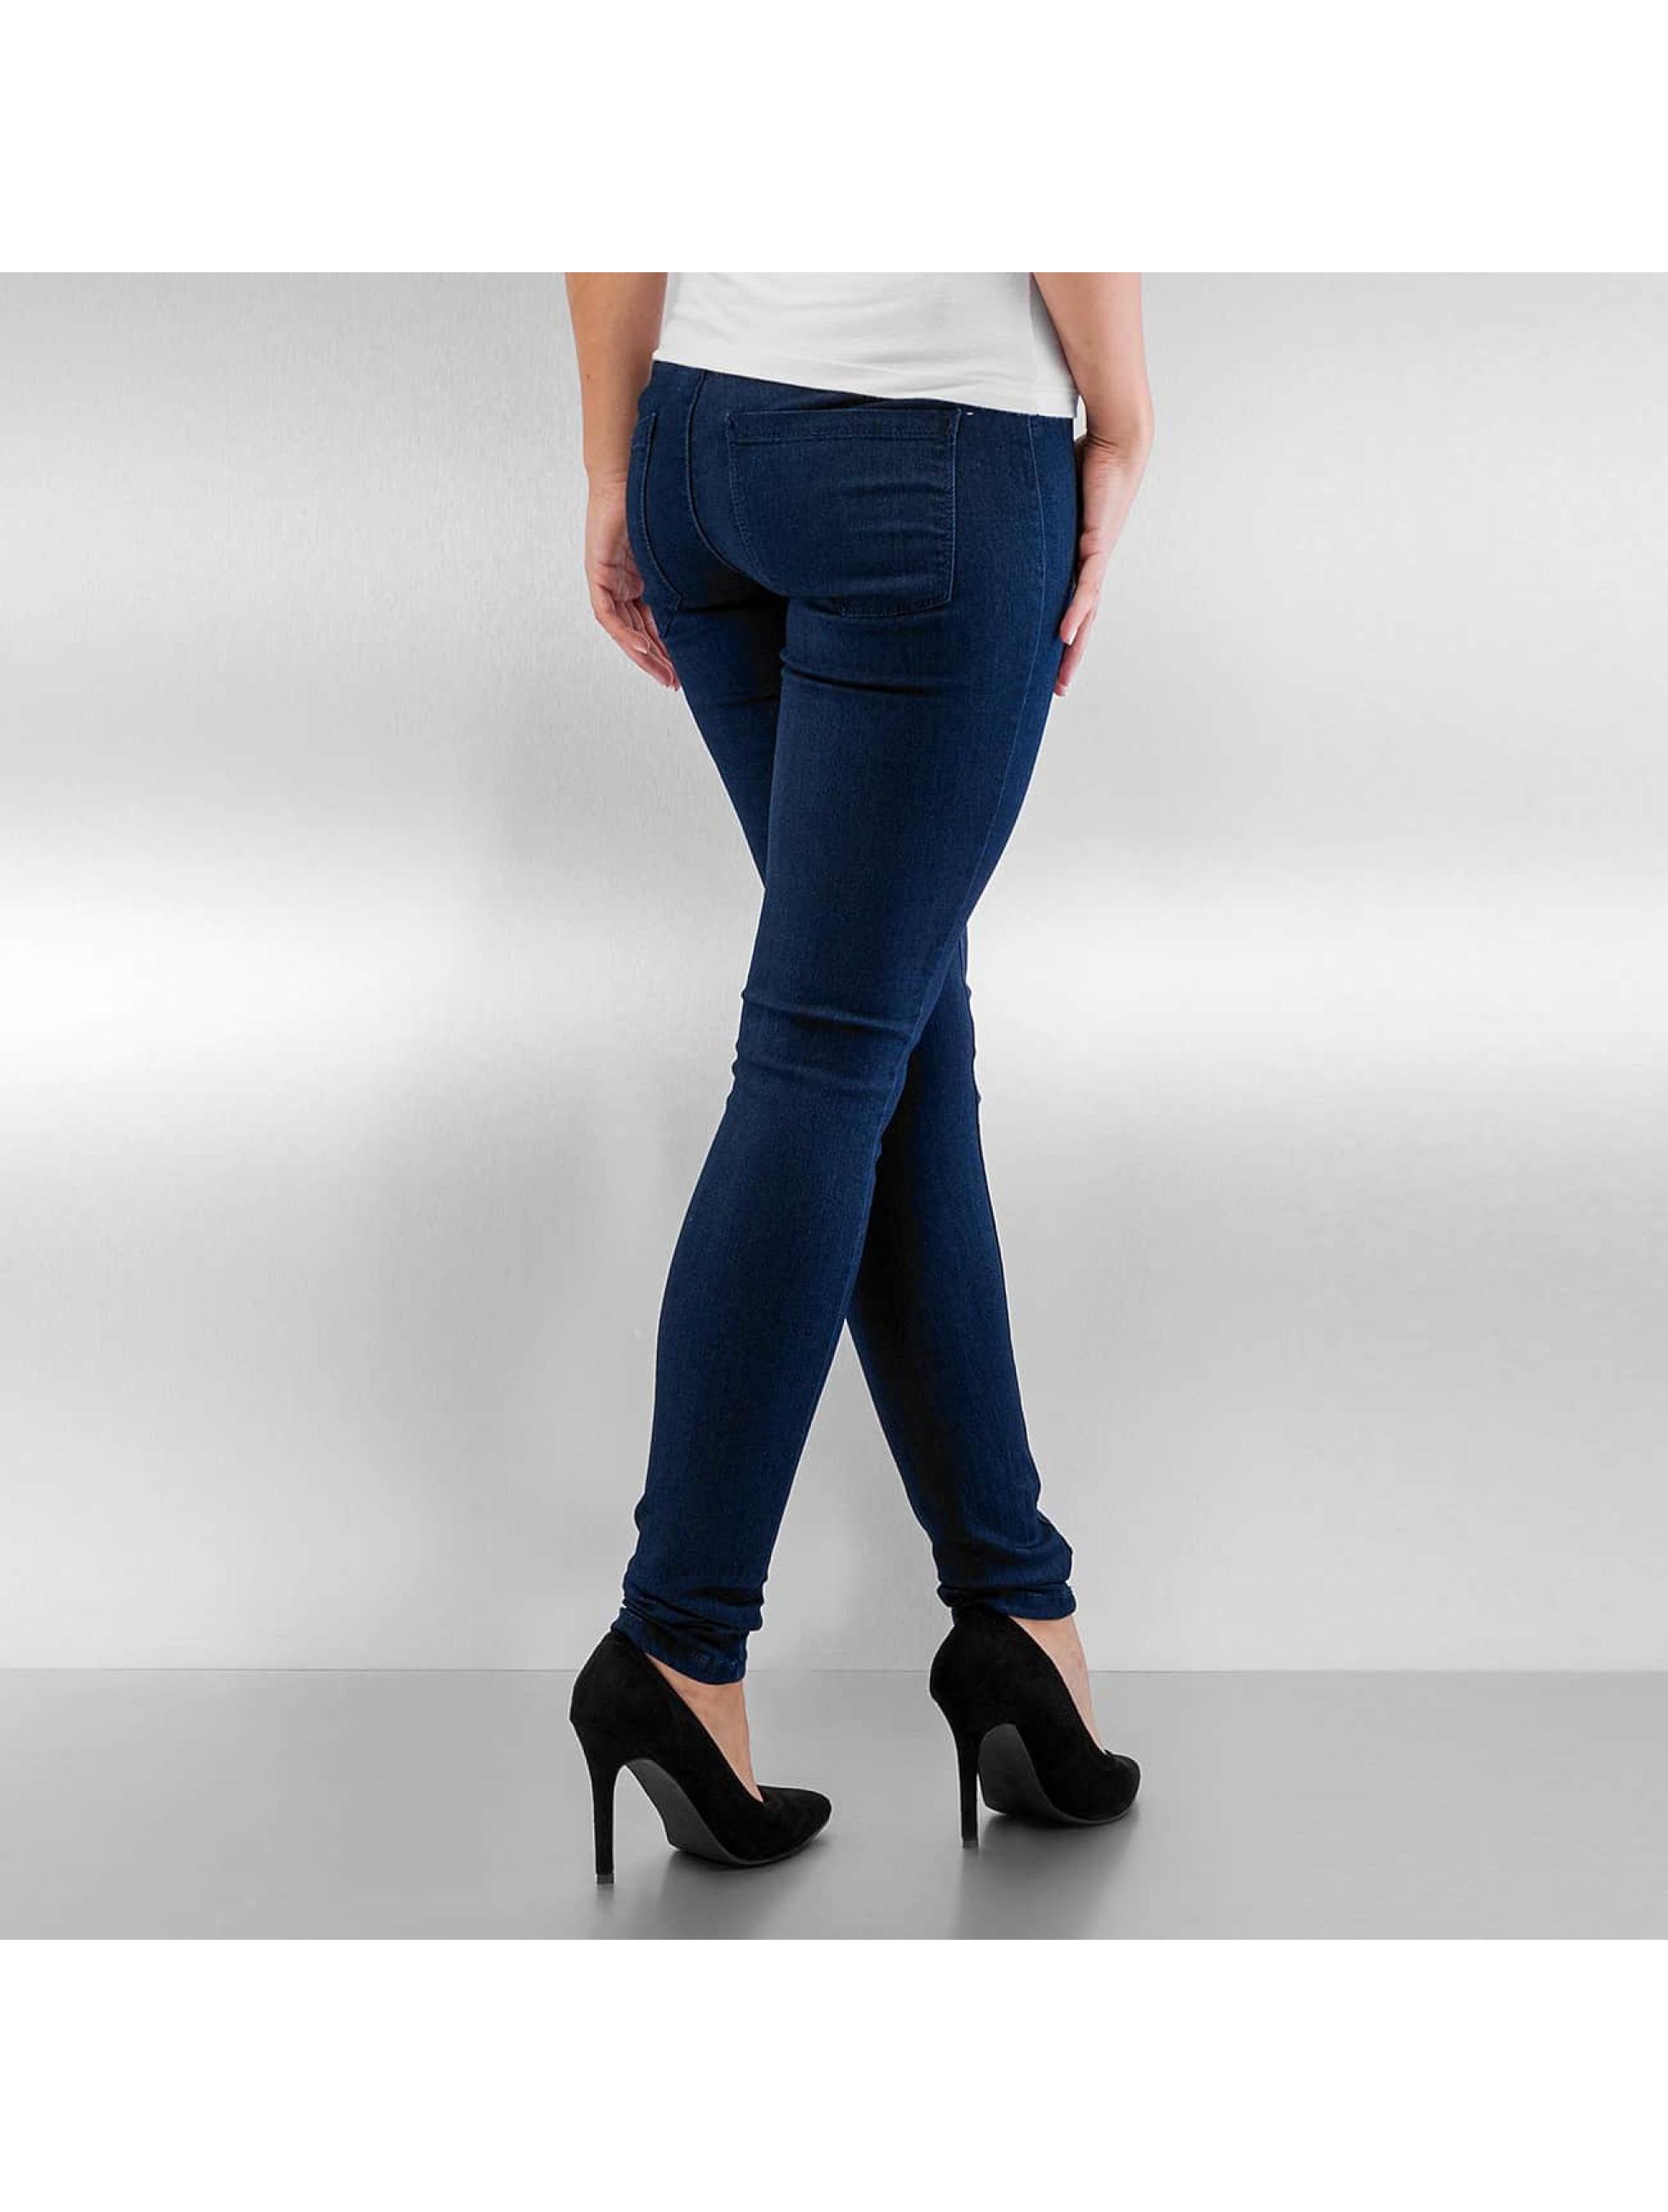 Vero Moda Облегающие джинсы VMFlex-It синий